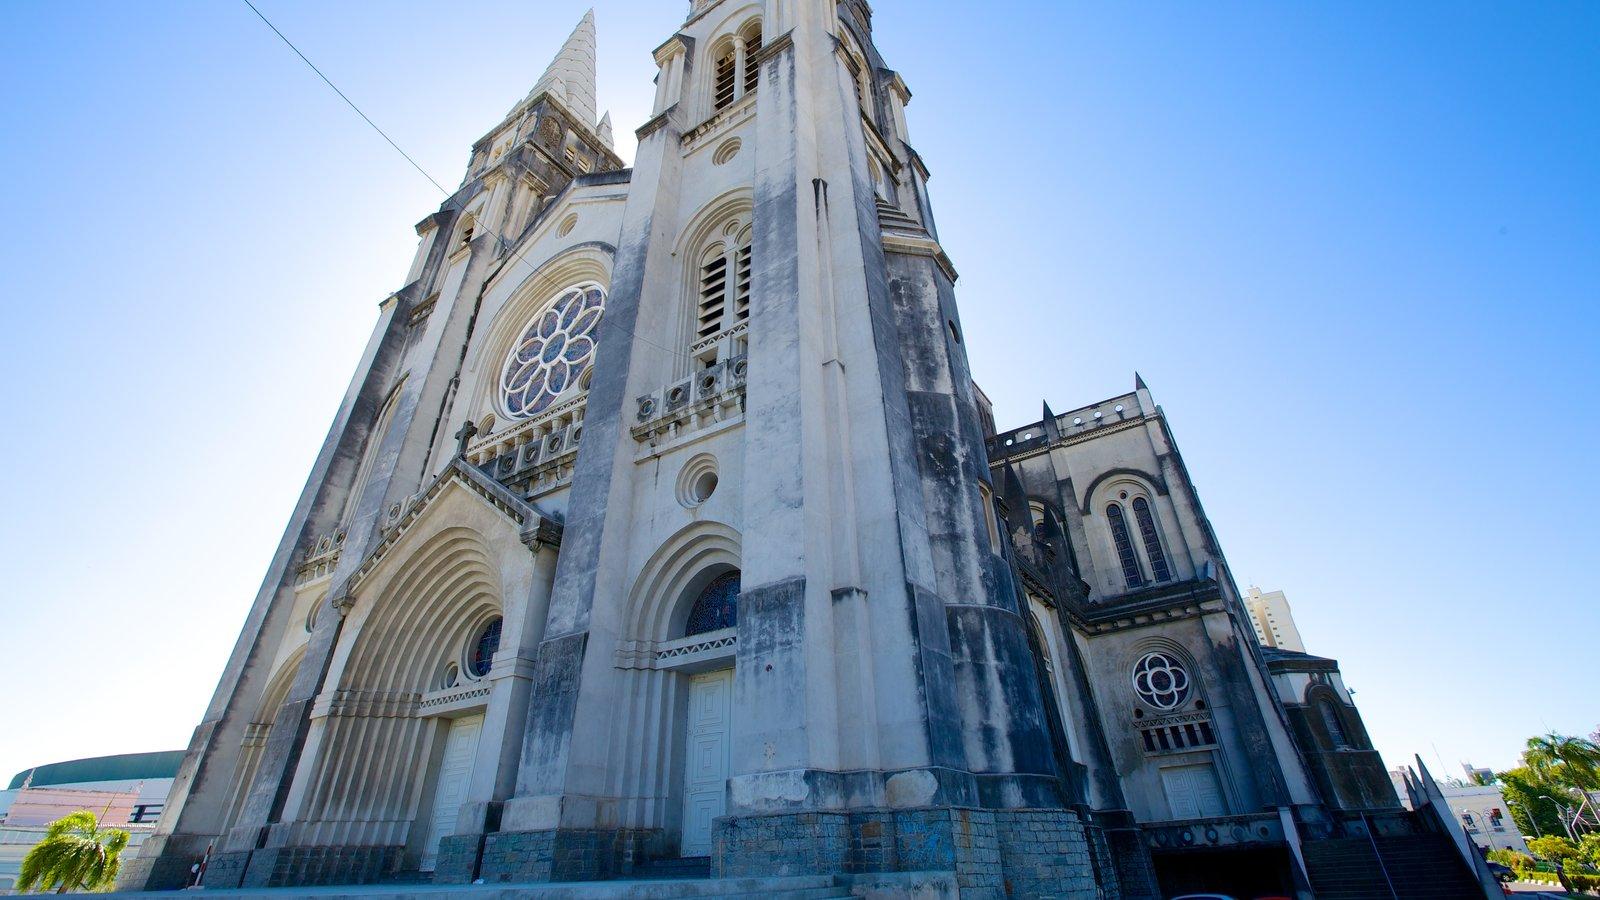 Catedral da Sé caracterizando elementos de patrimônio e uma igreja ou catedral